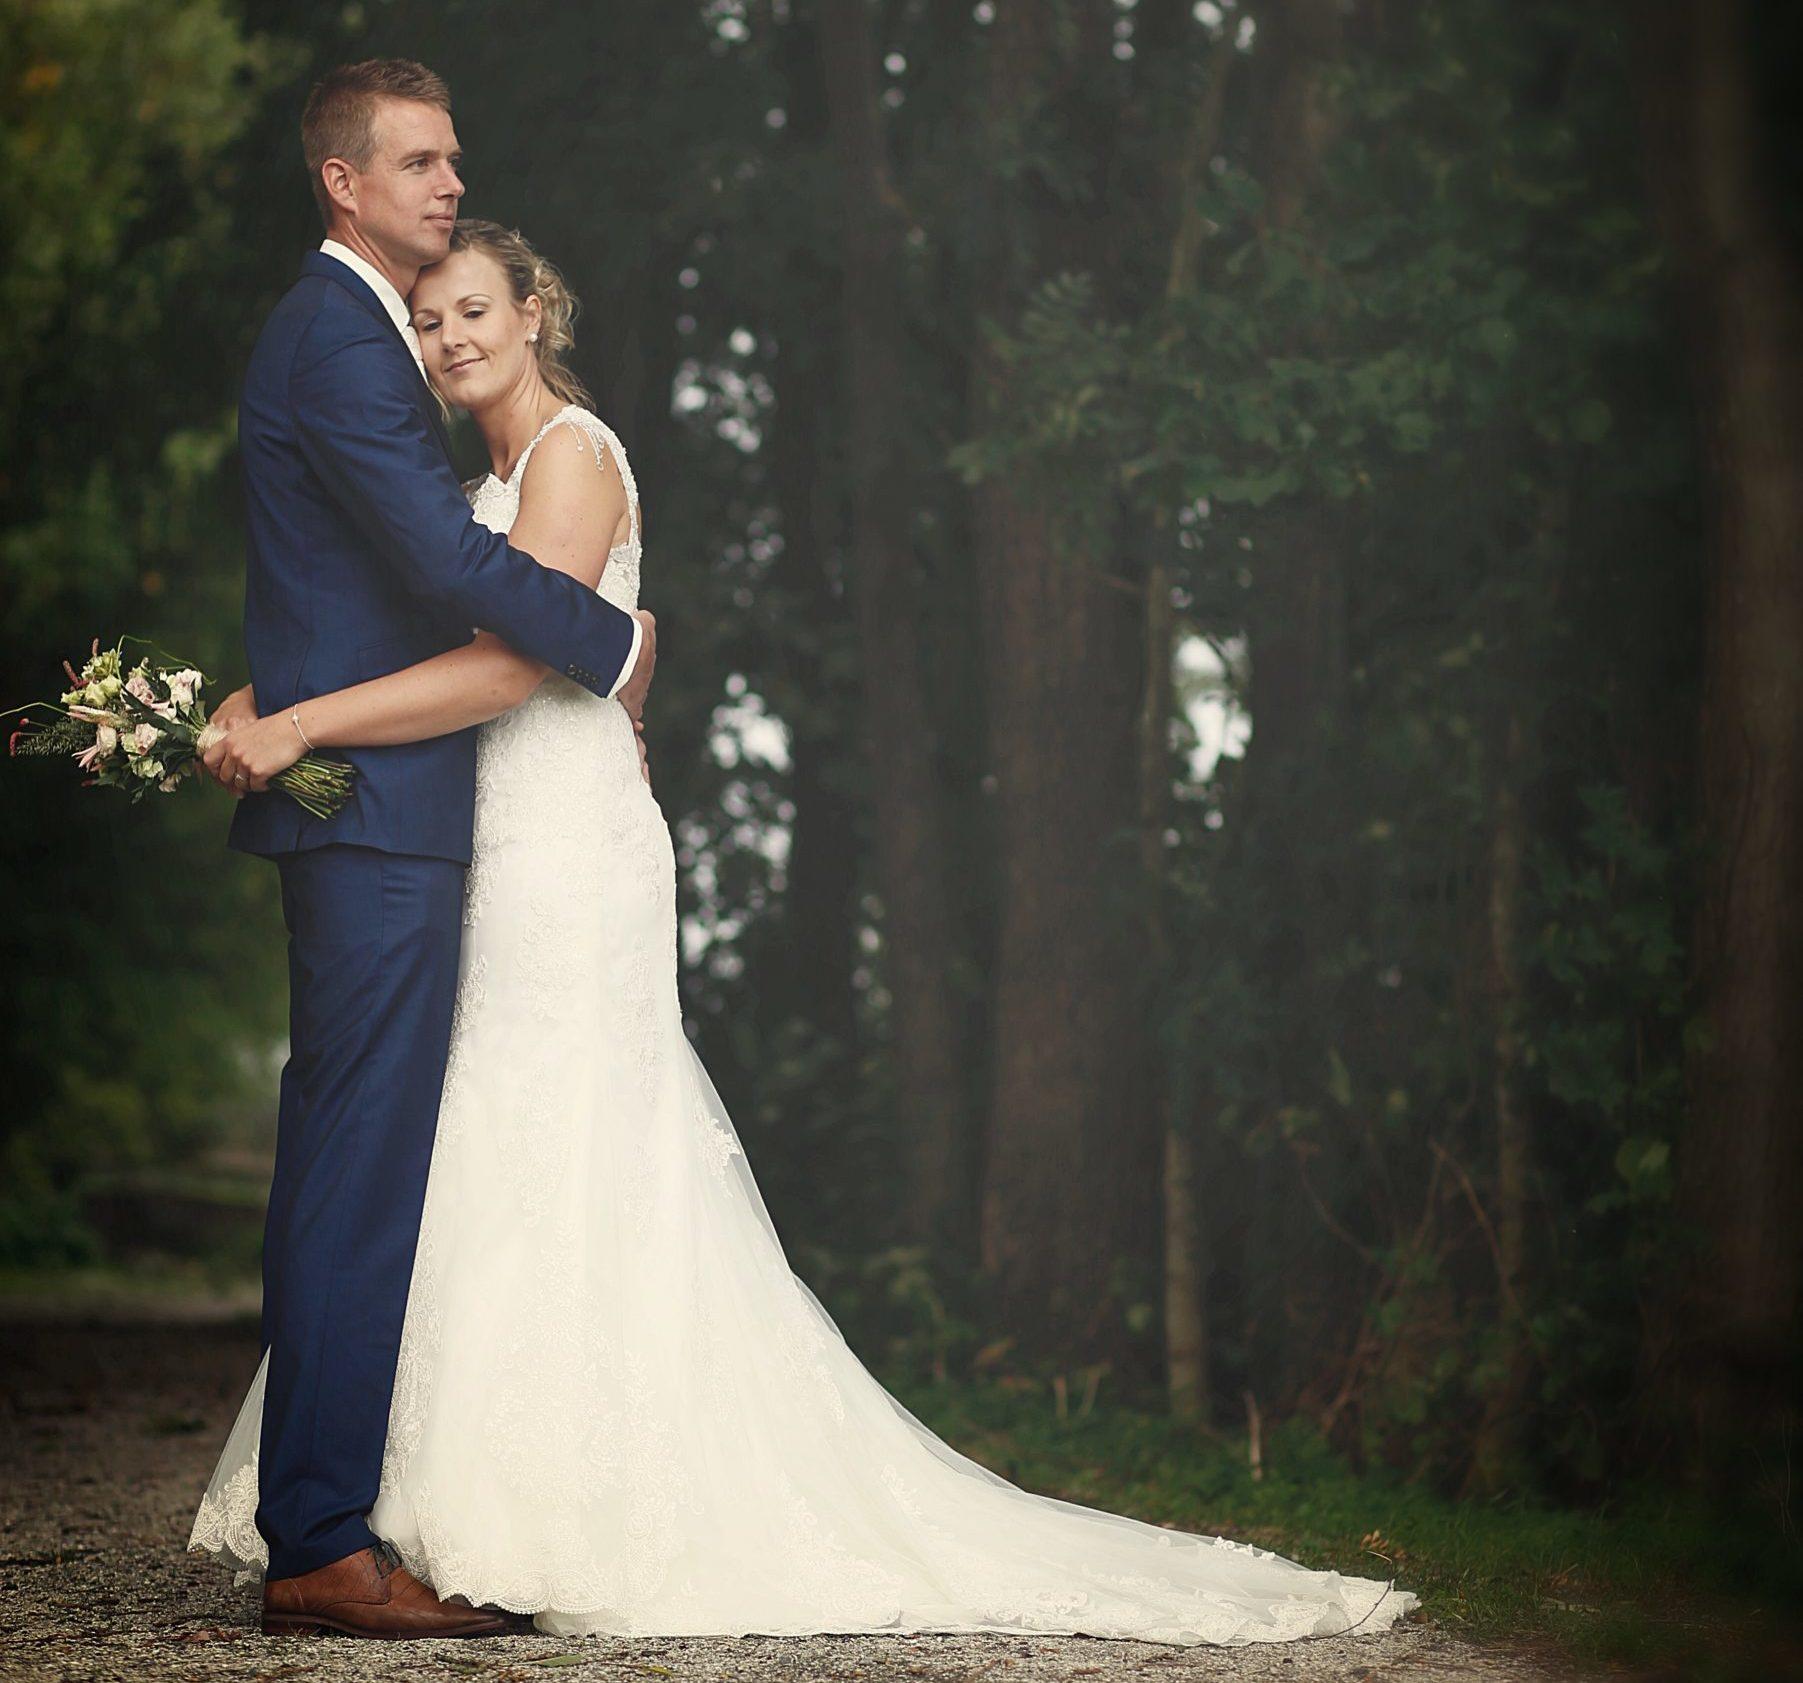 Effeedora - wedding planner - officiante de cérémonie - pourquoi se marier ?